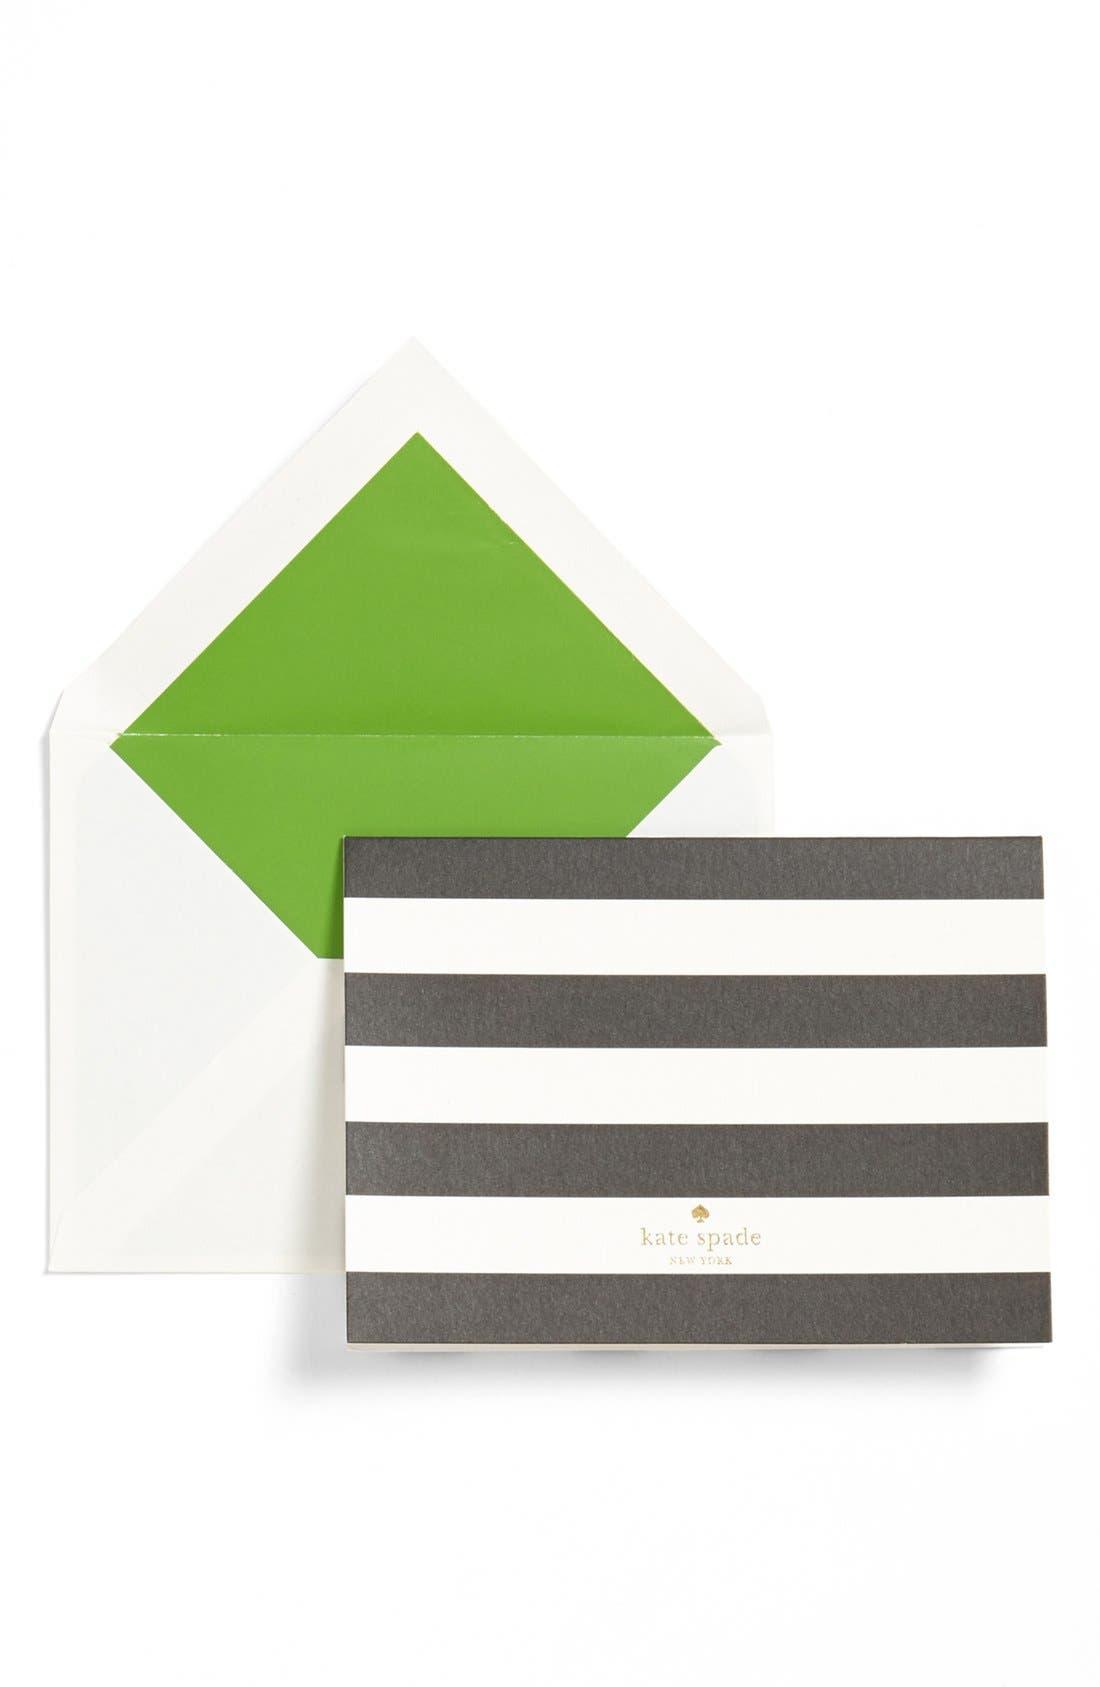 Main Image - kate spade new york 'polka dot' note cards (Set of 10)